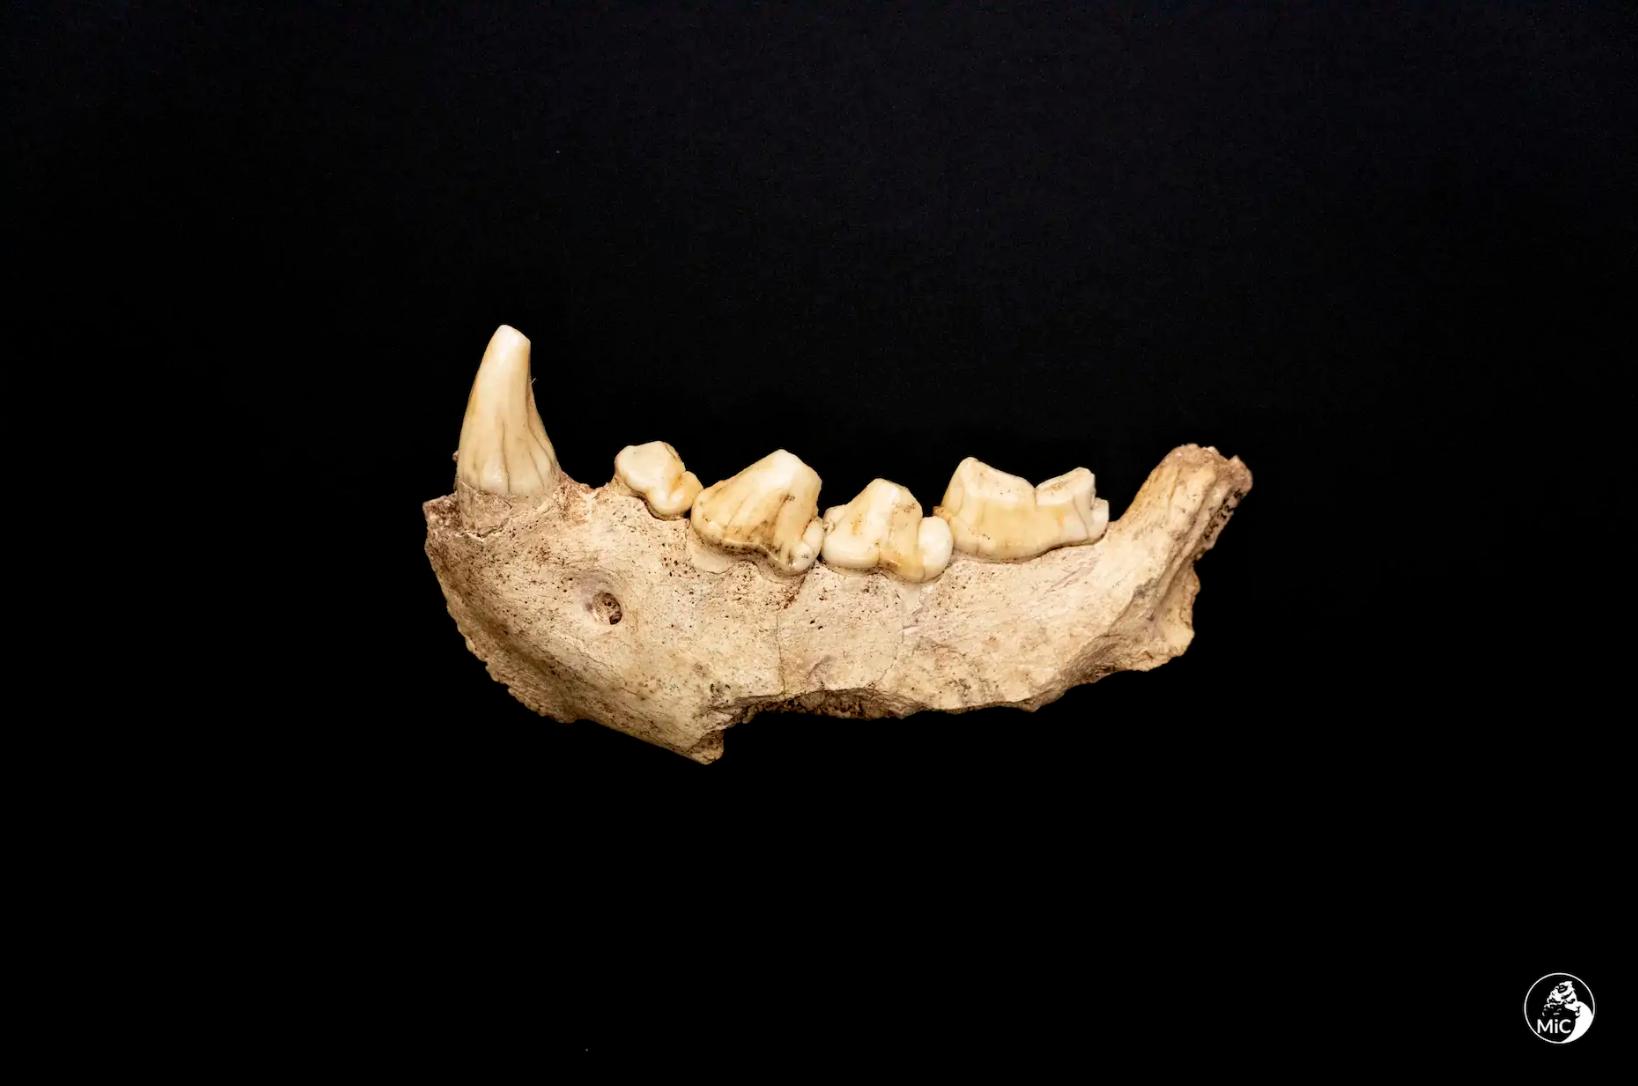 Nove uomini di Neanderthal. Clamorosi ritrovamenti nella Grotta Guattari al Circeo